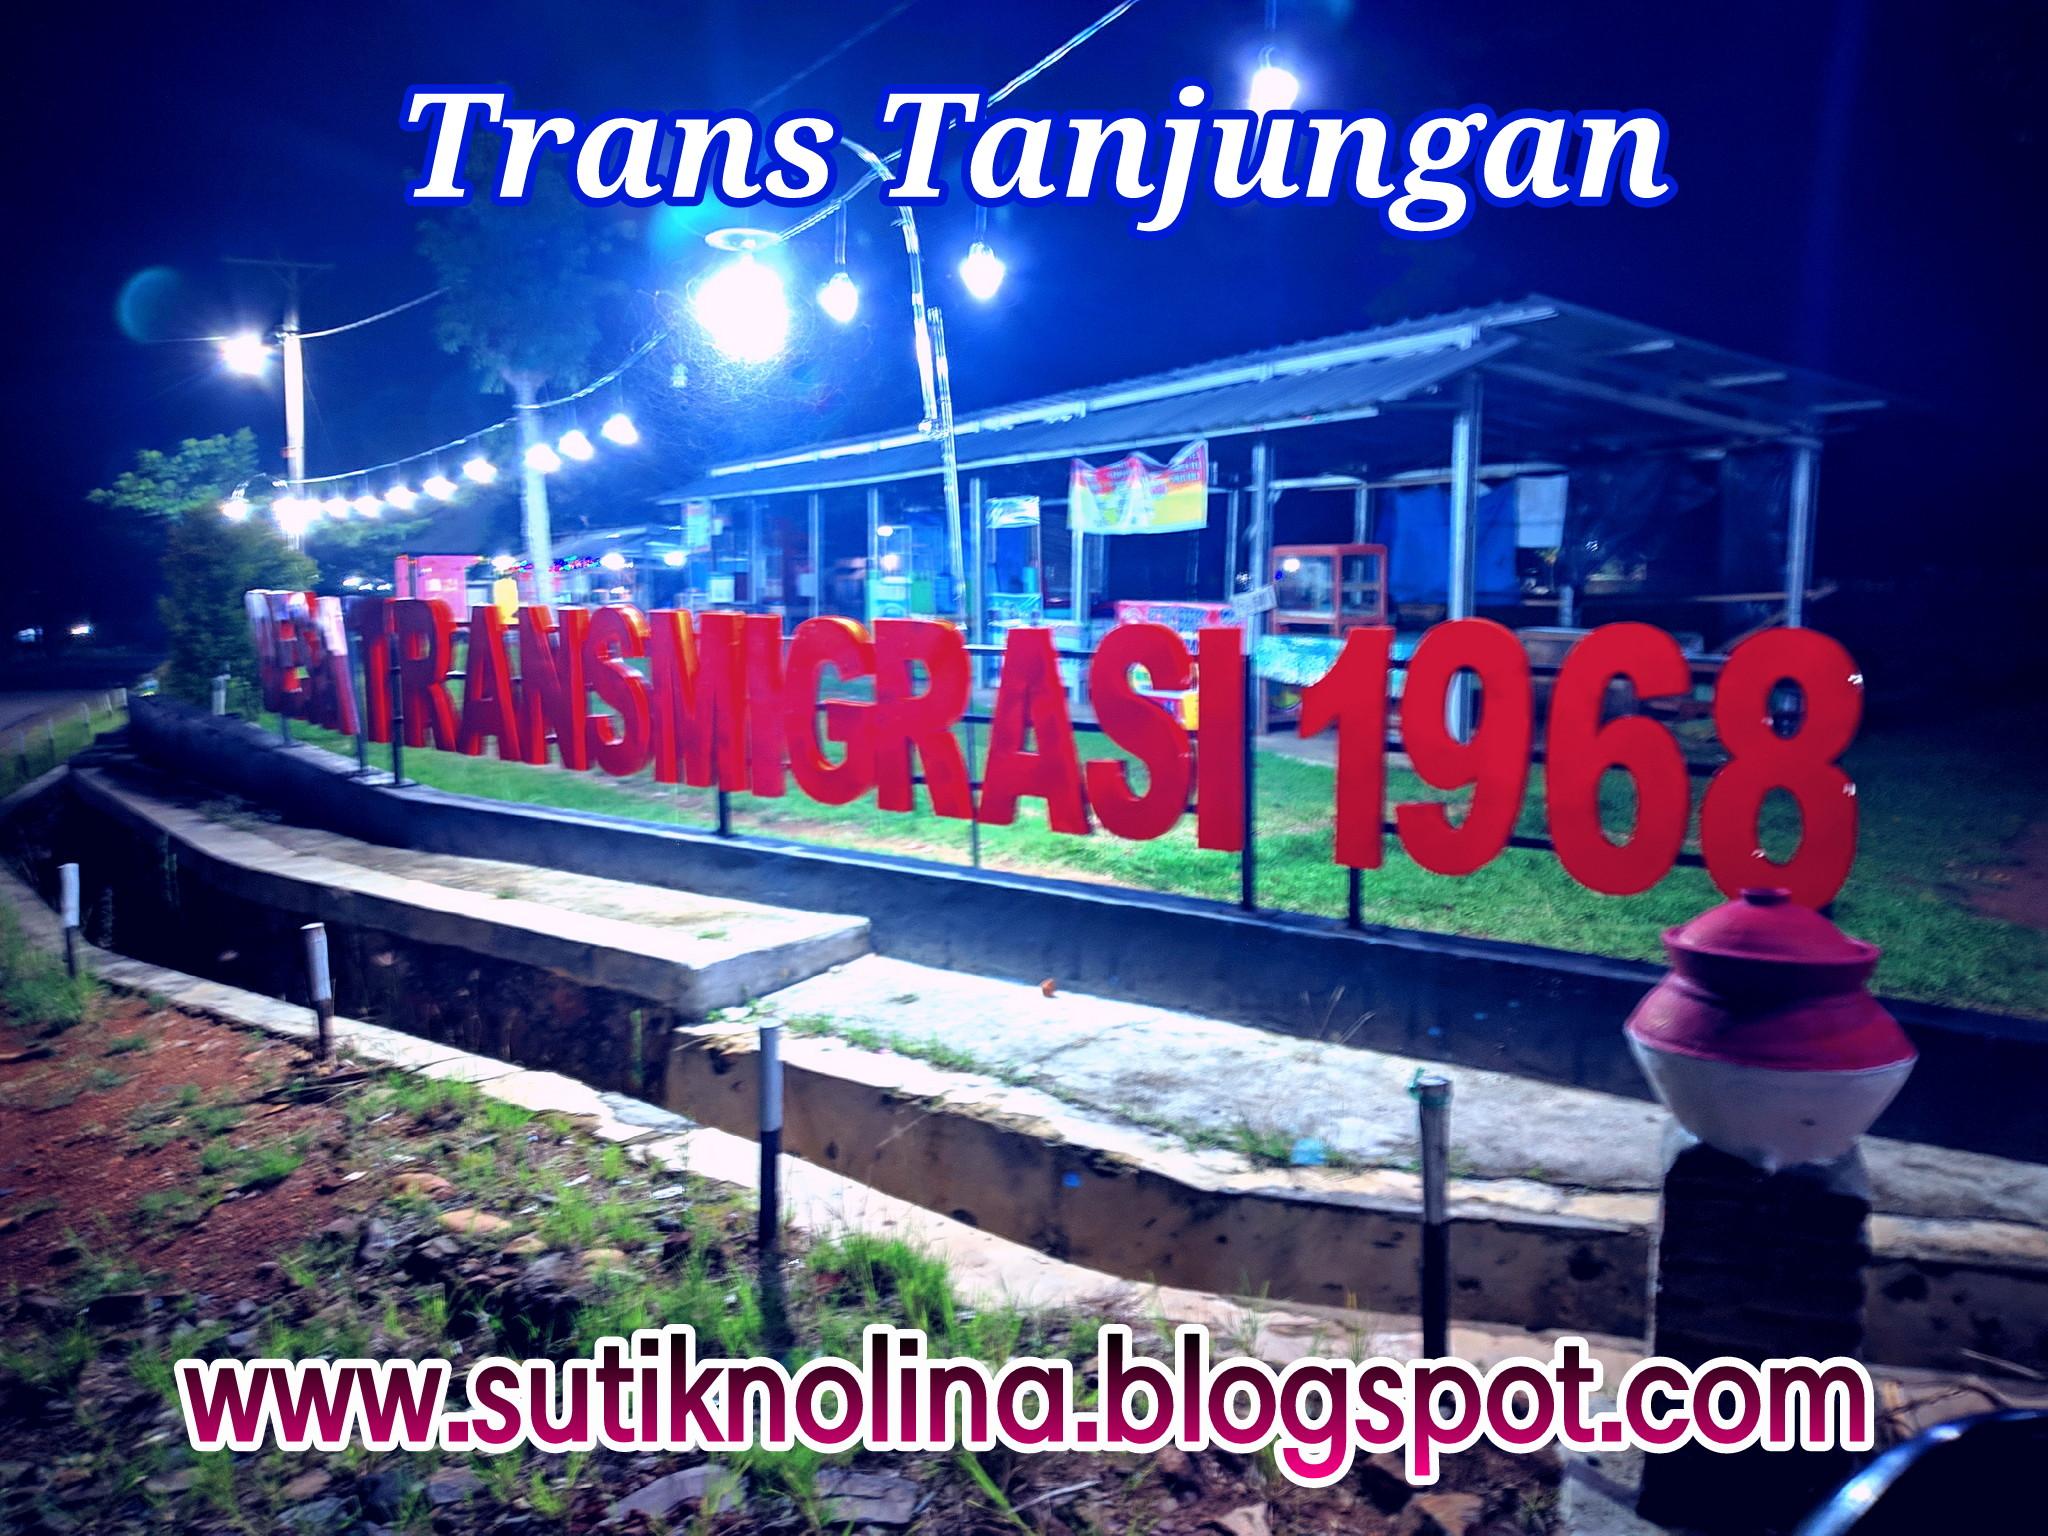 Trans Tanjungan : Desa Transmigrasi 1968, Kecamatan Katibung, Lampung Selatan